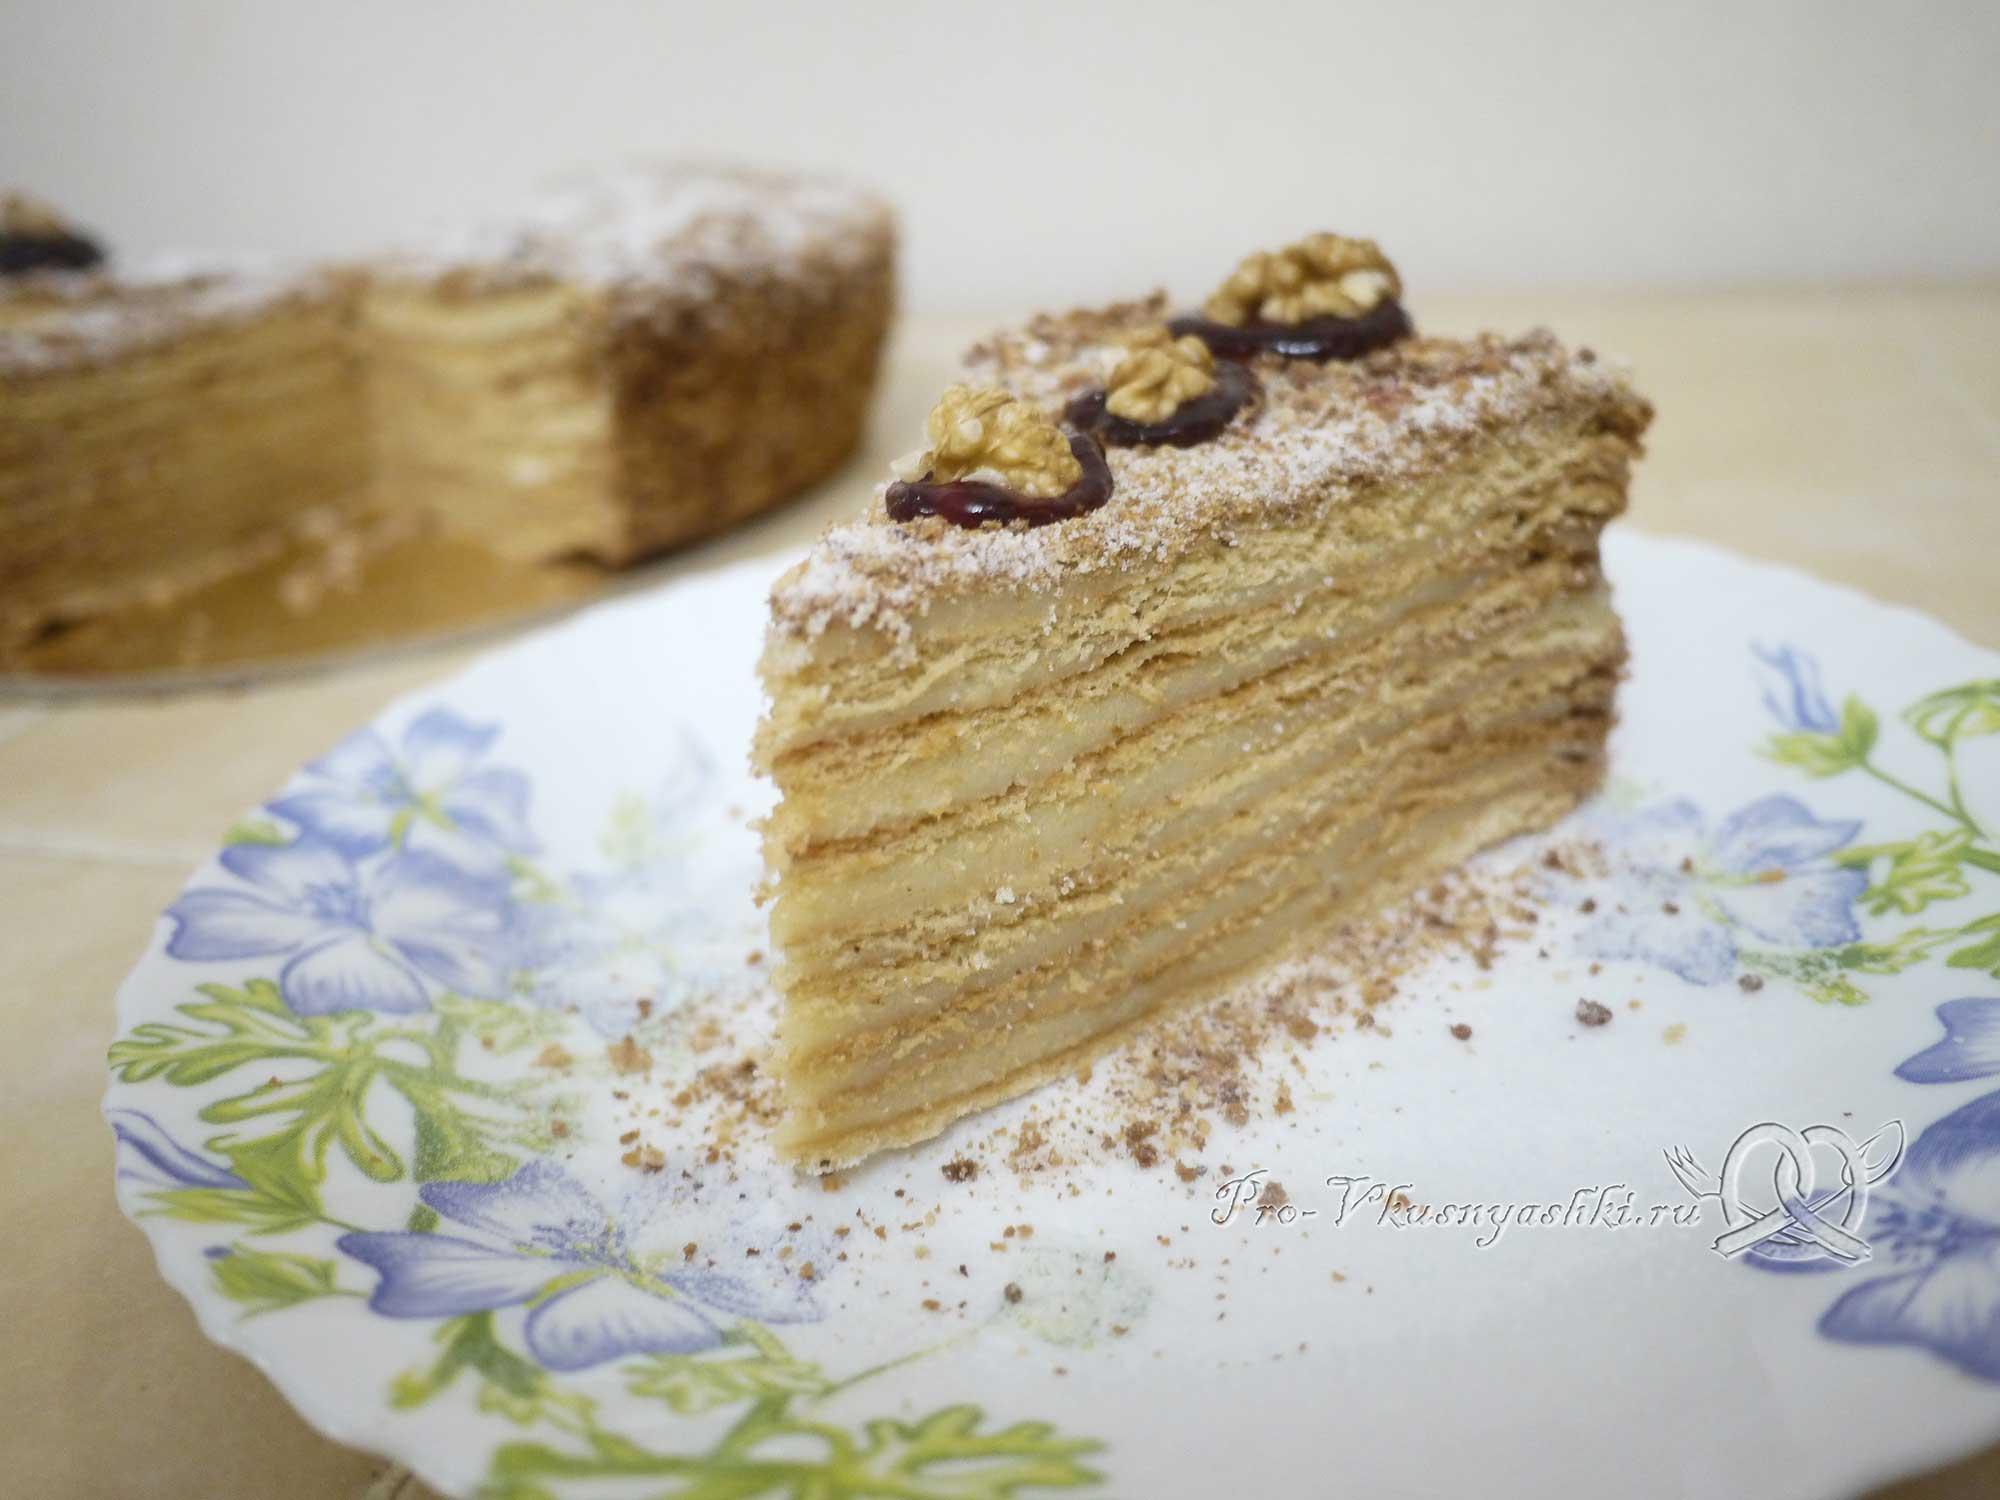 Рецепт торта медовый с заварным кремом в домашних условиях пошагово